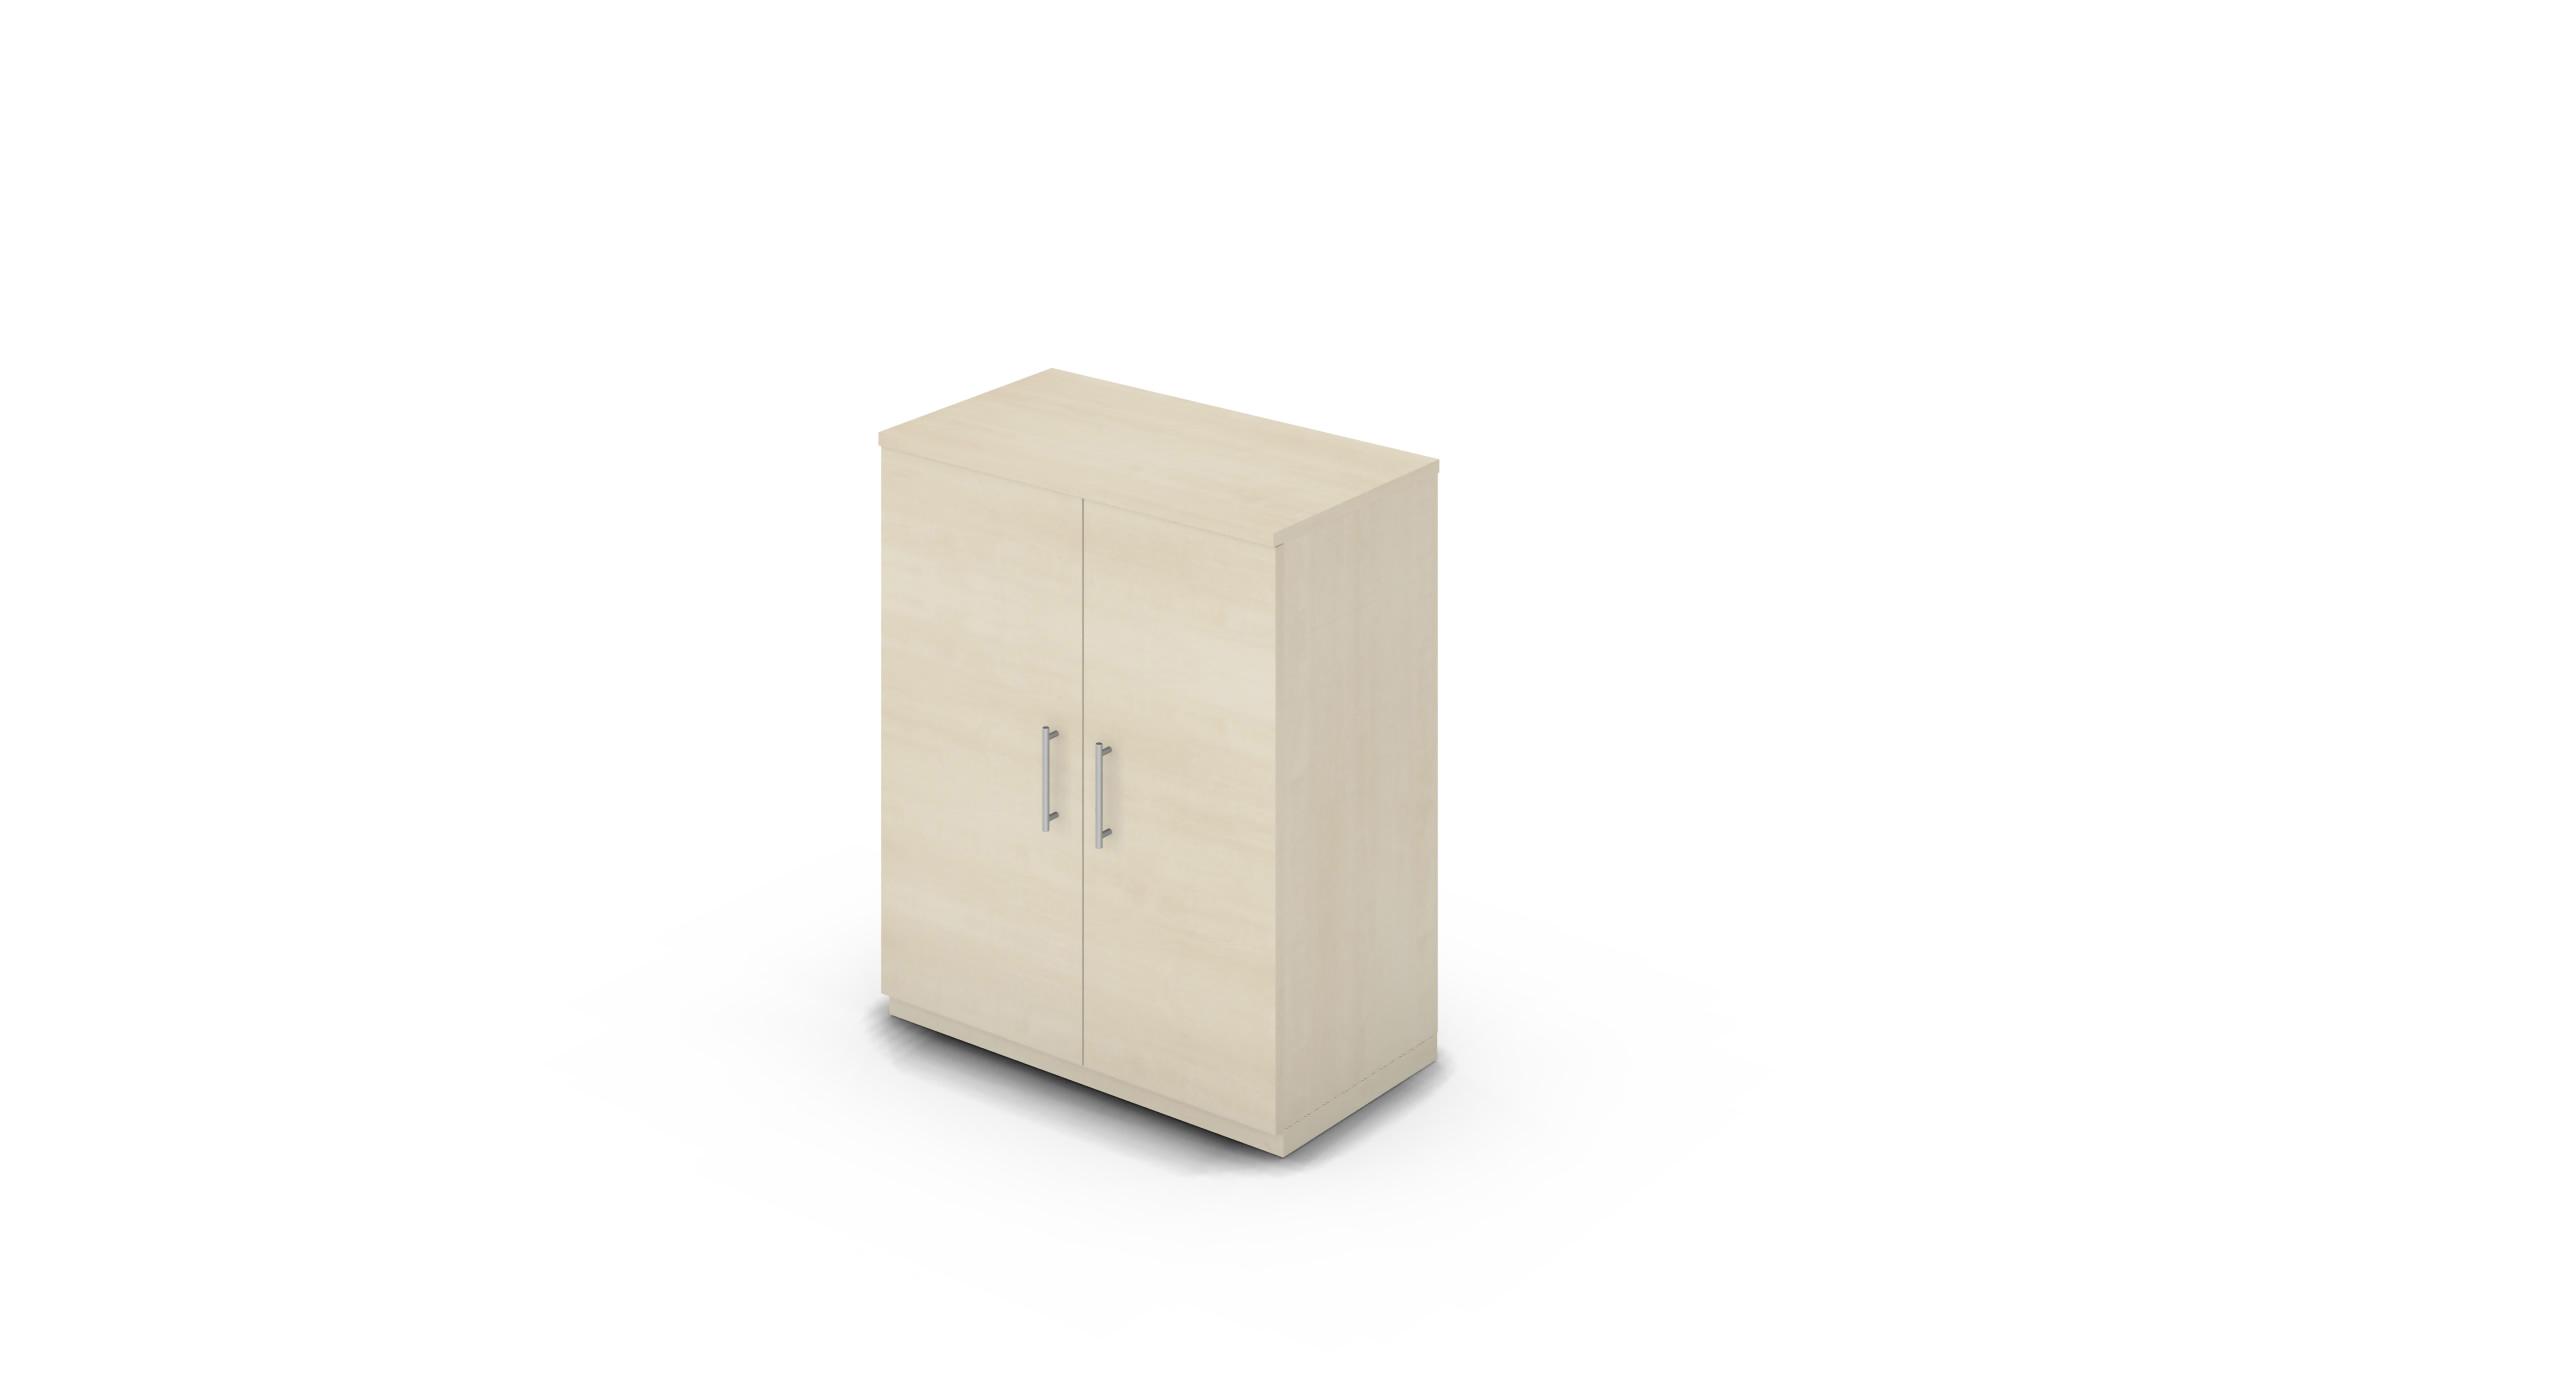 Cabinet_800x450x1125_HD_Maple_Bar_Round_NoCylinder